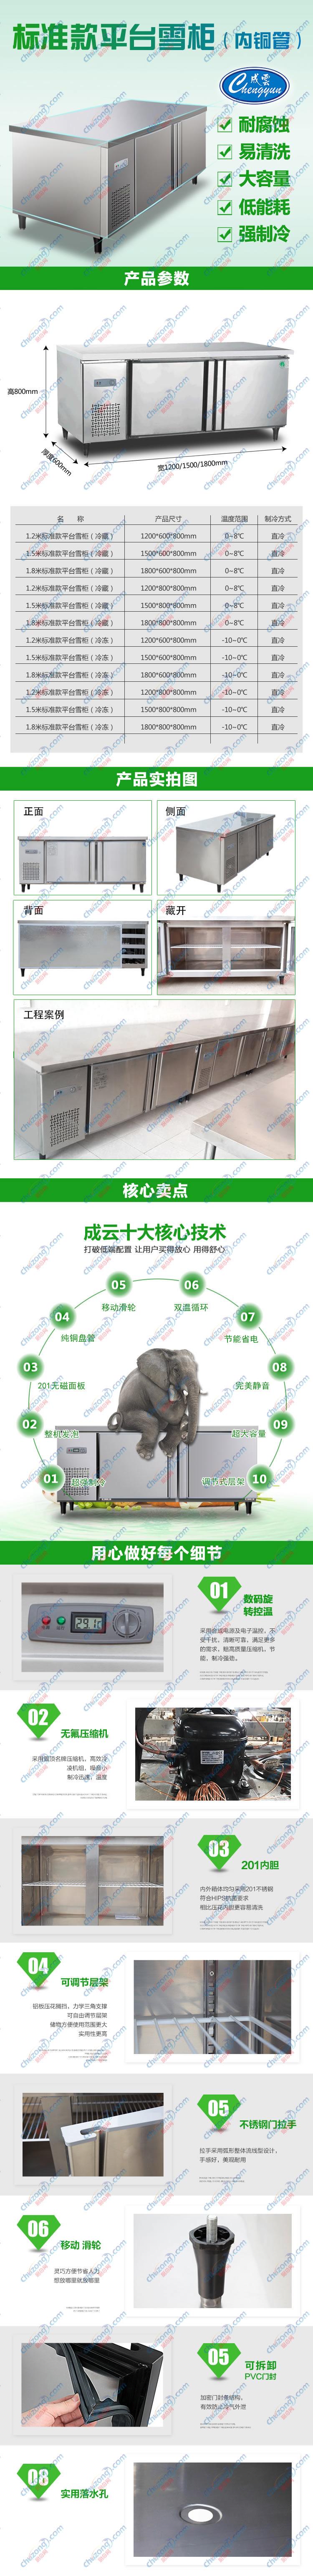 成云内铜管平台雪柜